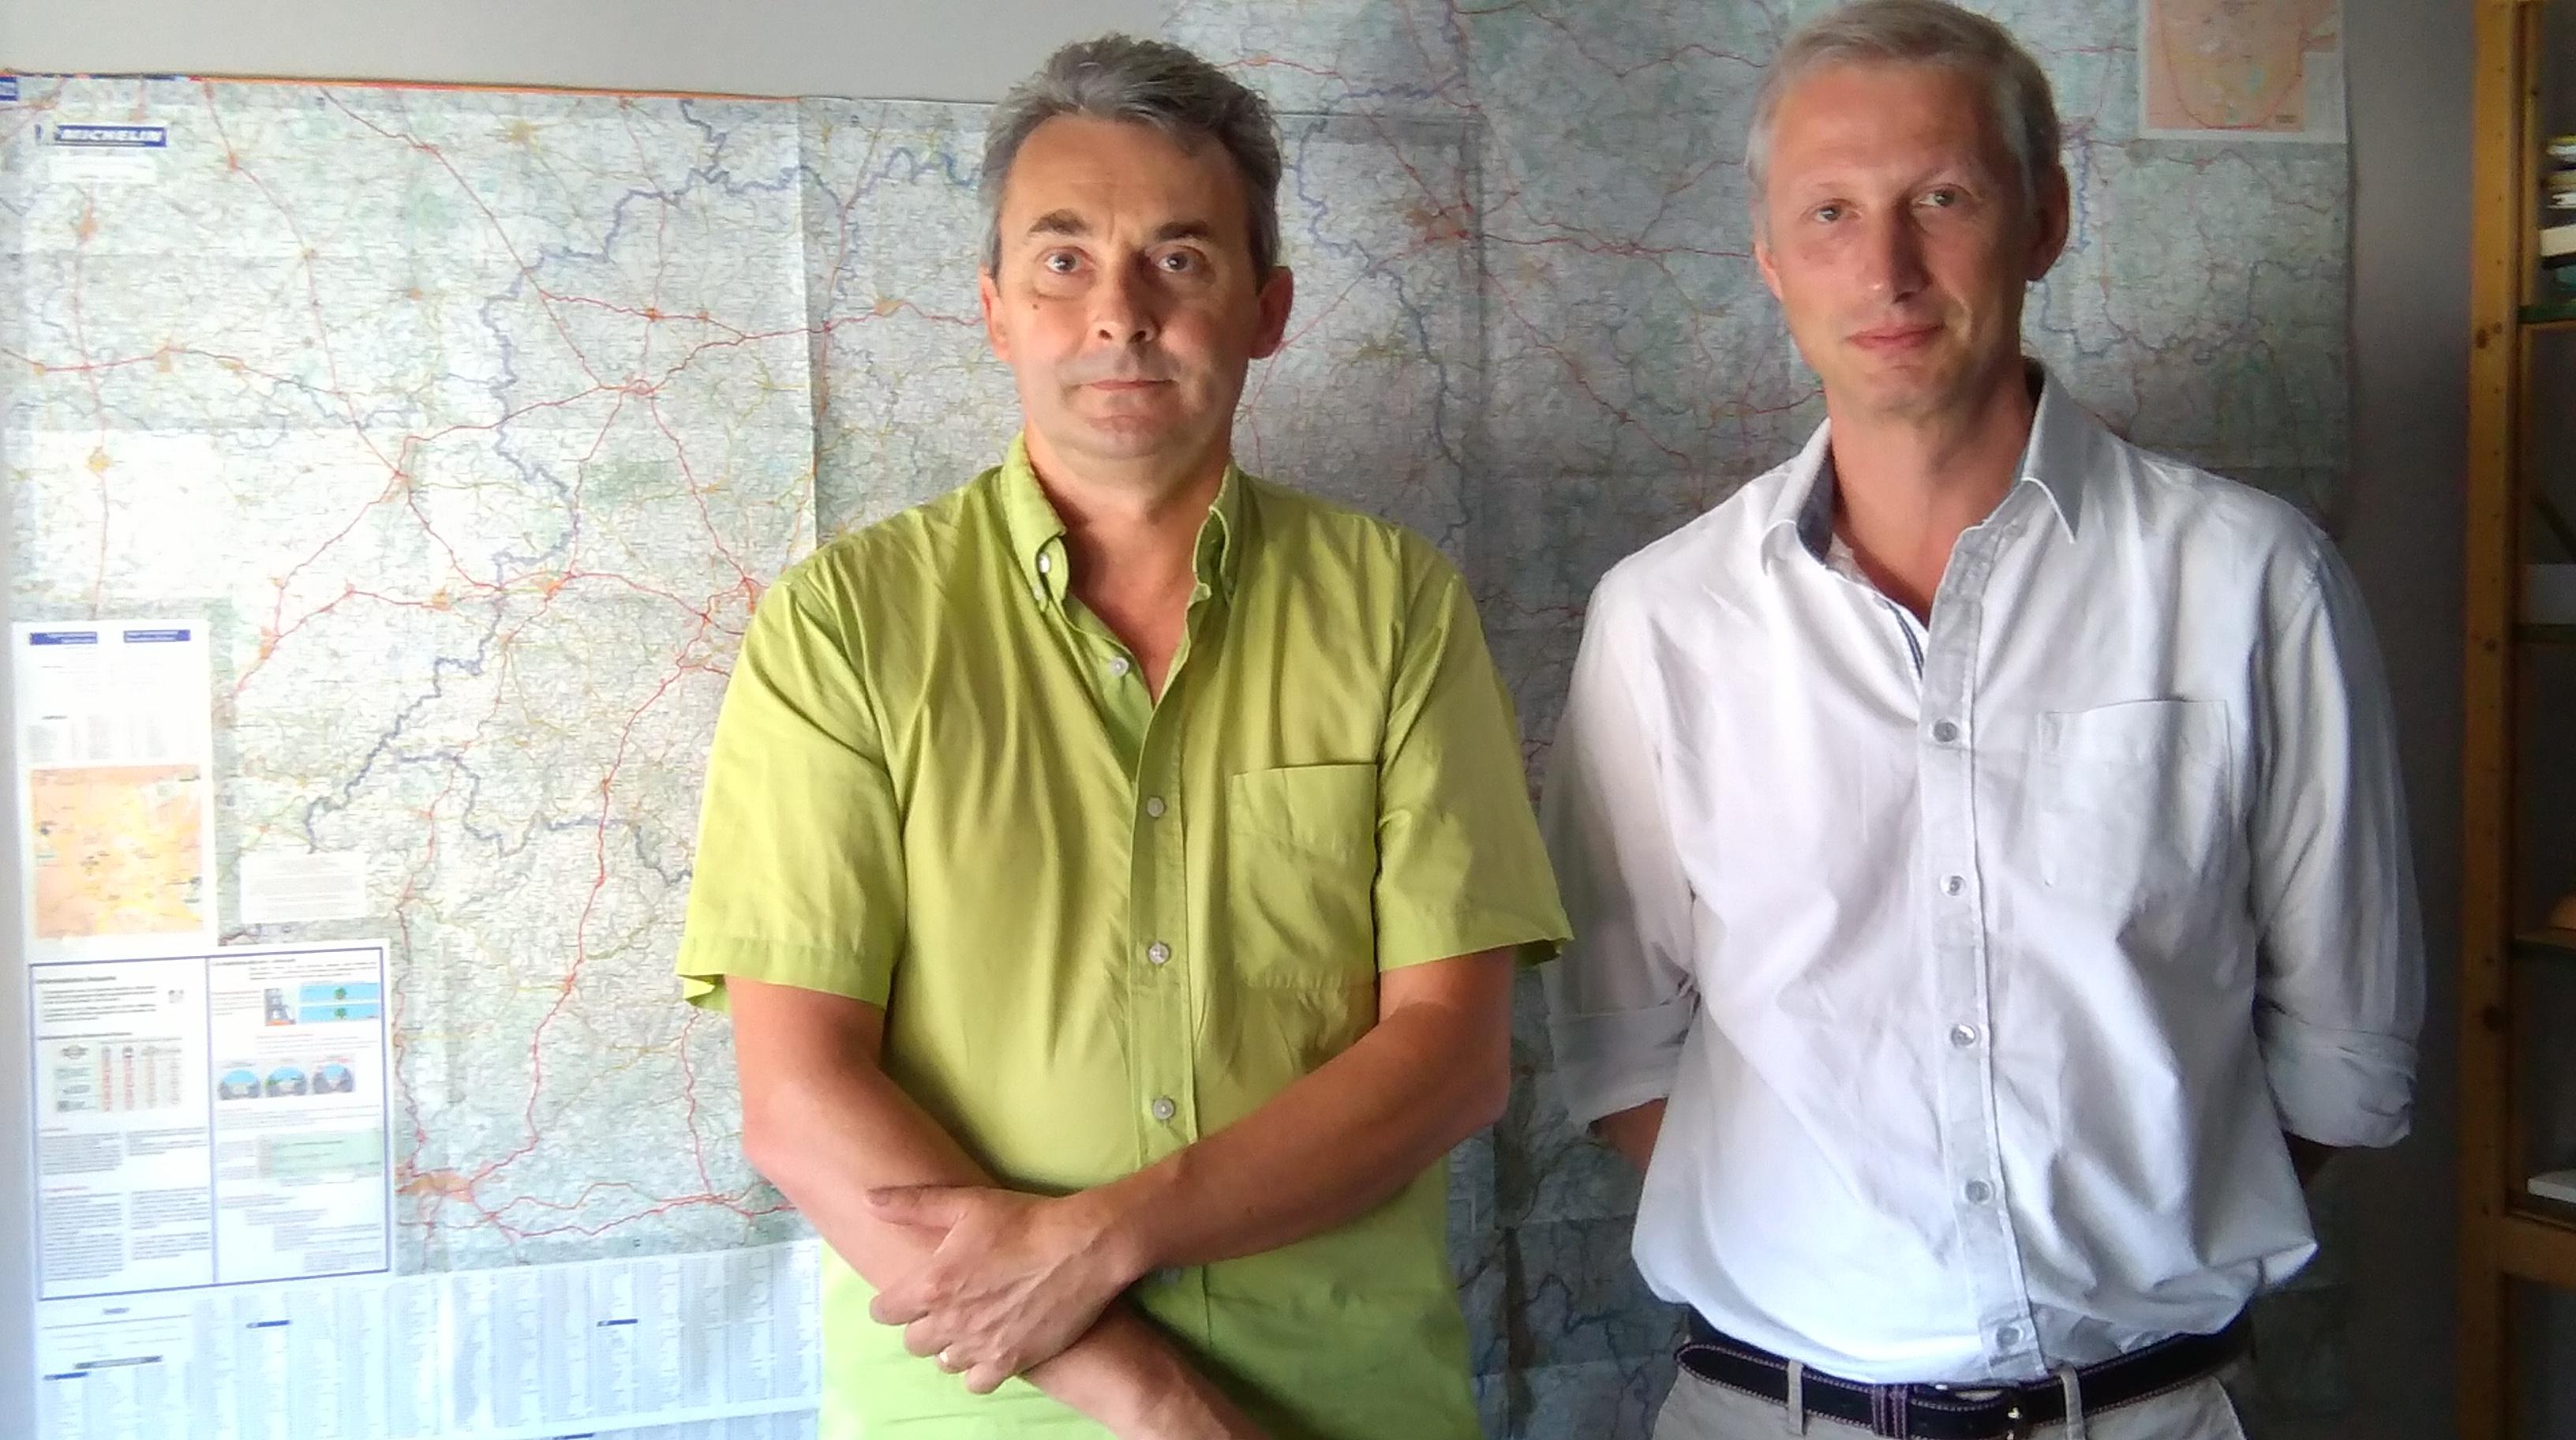 De gauche à droite, Jean-Jacques Bonaventure, attaché technique, et Pierre-José Chadaigne, secrétaire général du CTA de Clermont-Ferrand, ne chôment pas.